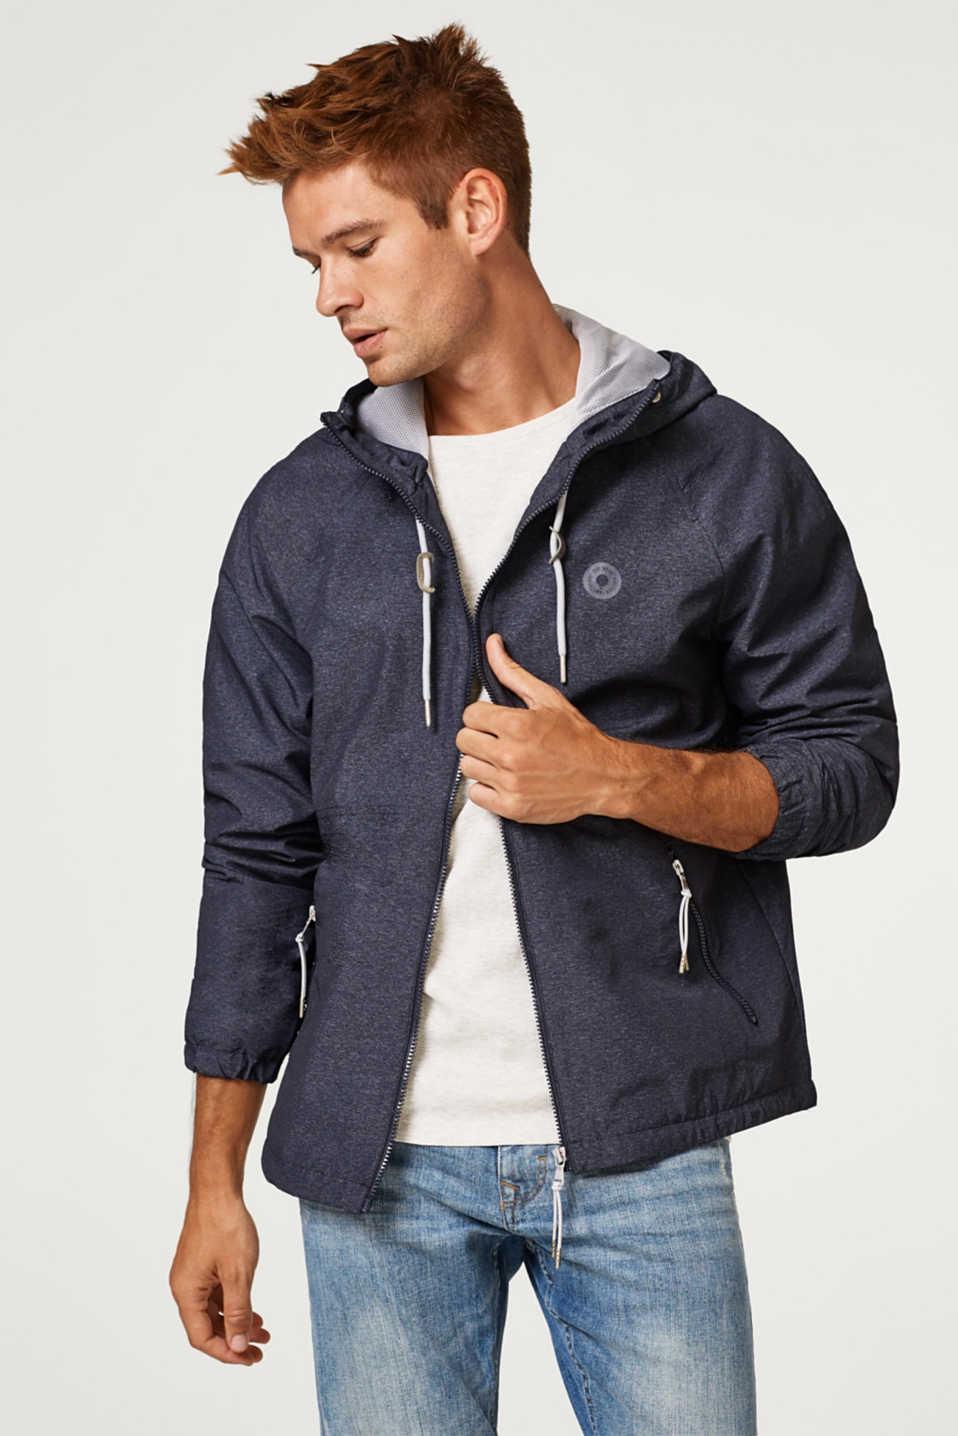 [ESPRIT] Regenjacke für Herren in blau und grau verfügbar, NL Ameldung 10%= 26,99€, Größen XS bis XL, VSK, 0,99€